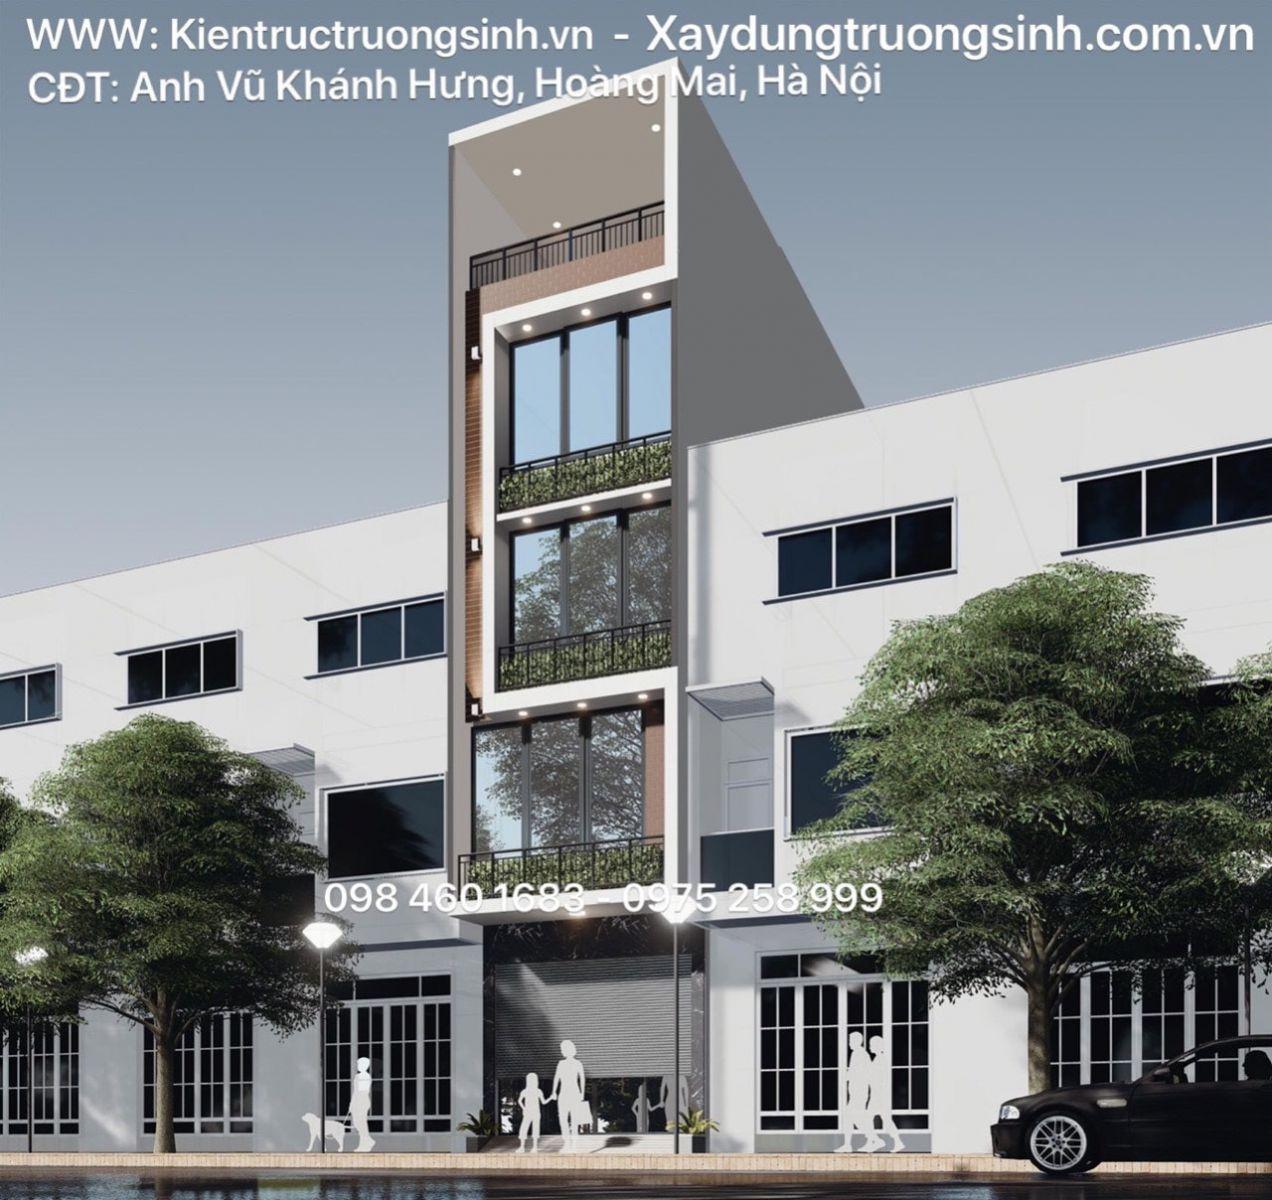 Siêu dự án sửa nhà trọn gói cho nhà anh Hưng tại quận Hoàng Mai, HN-3